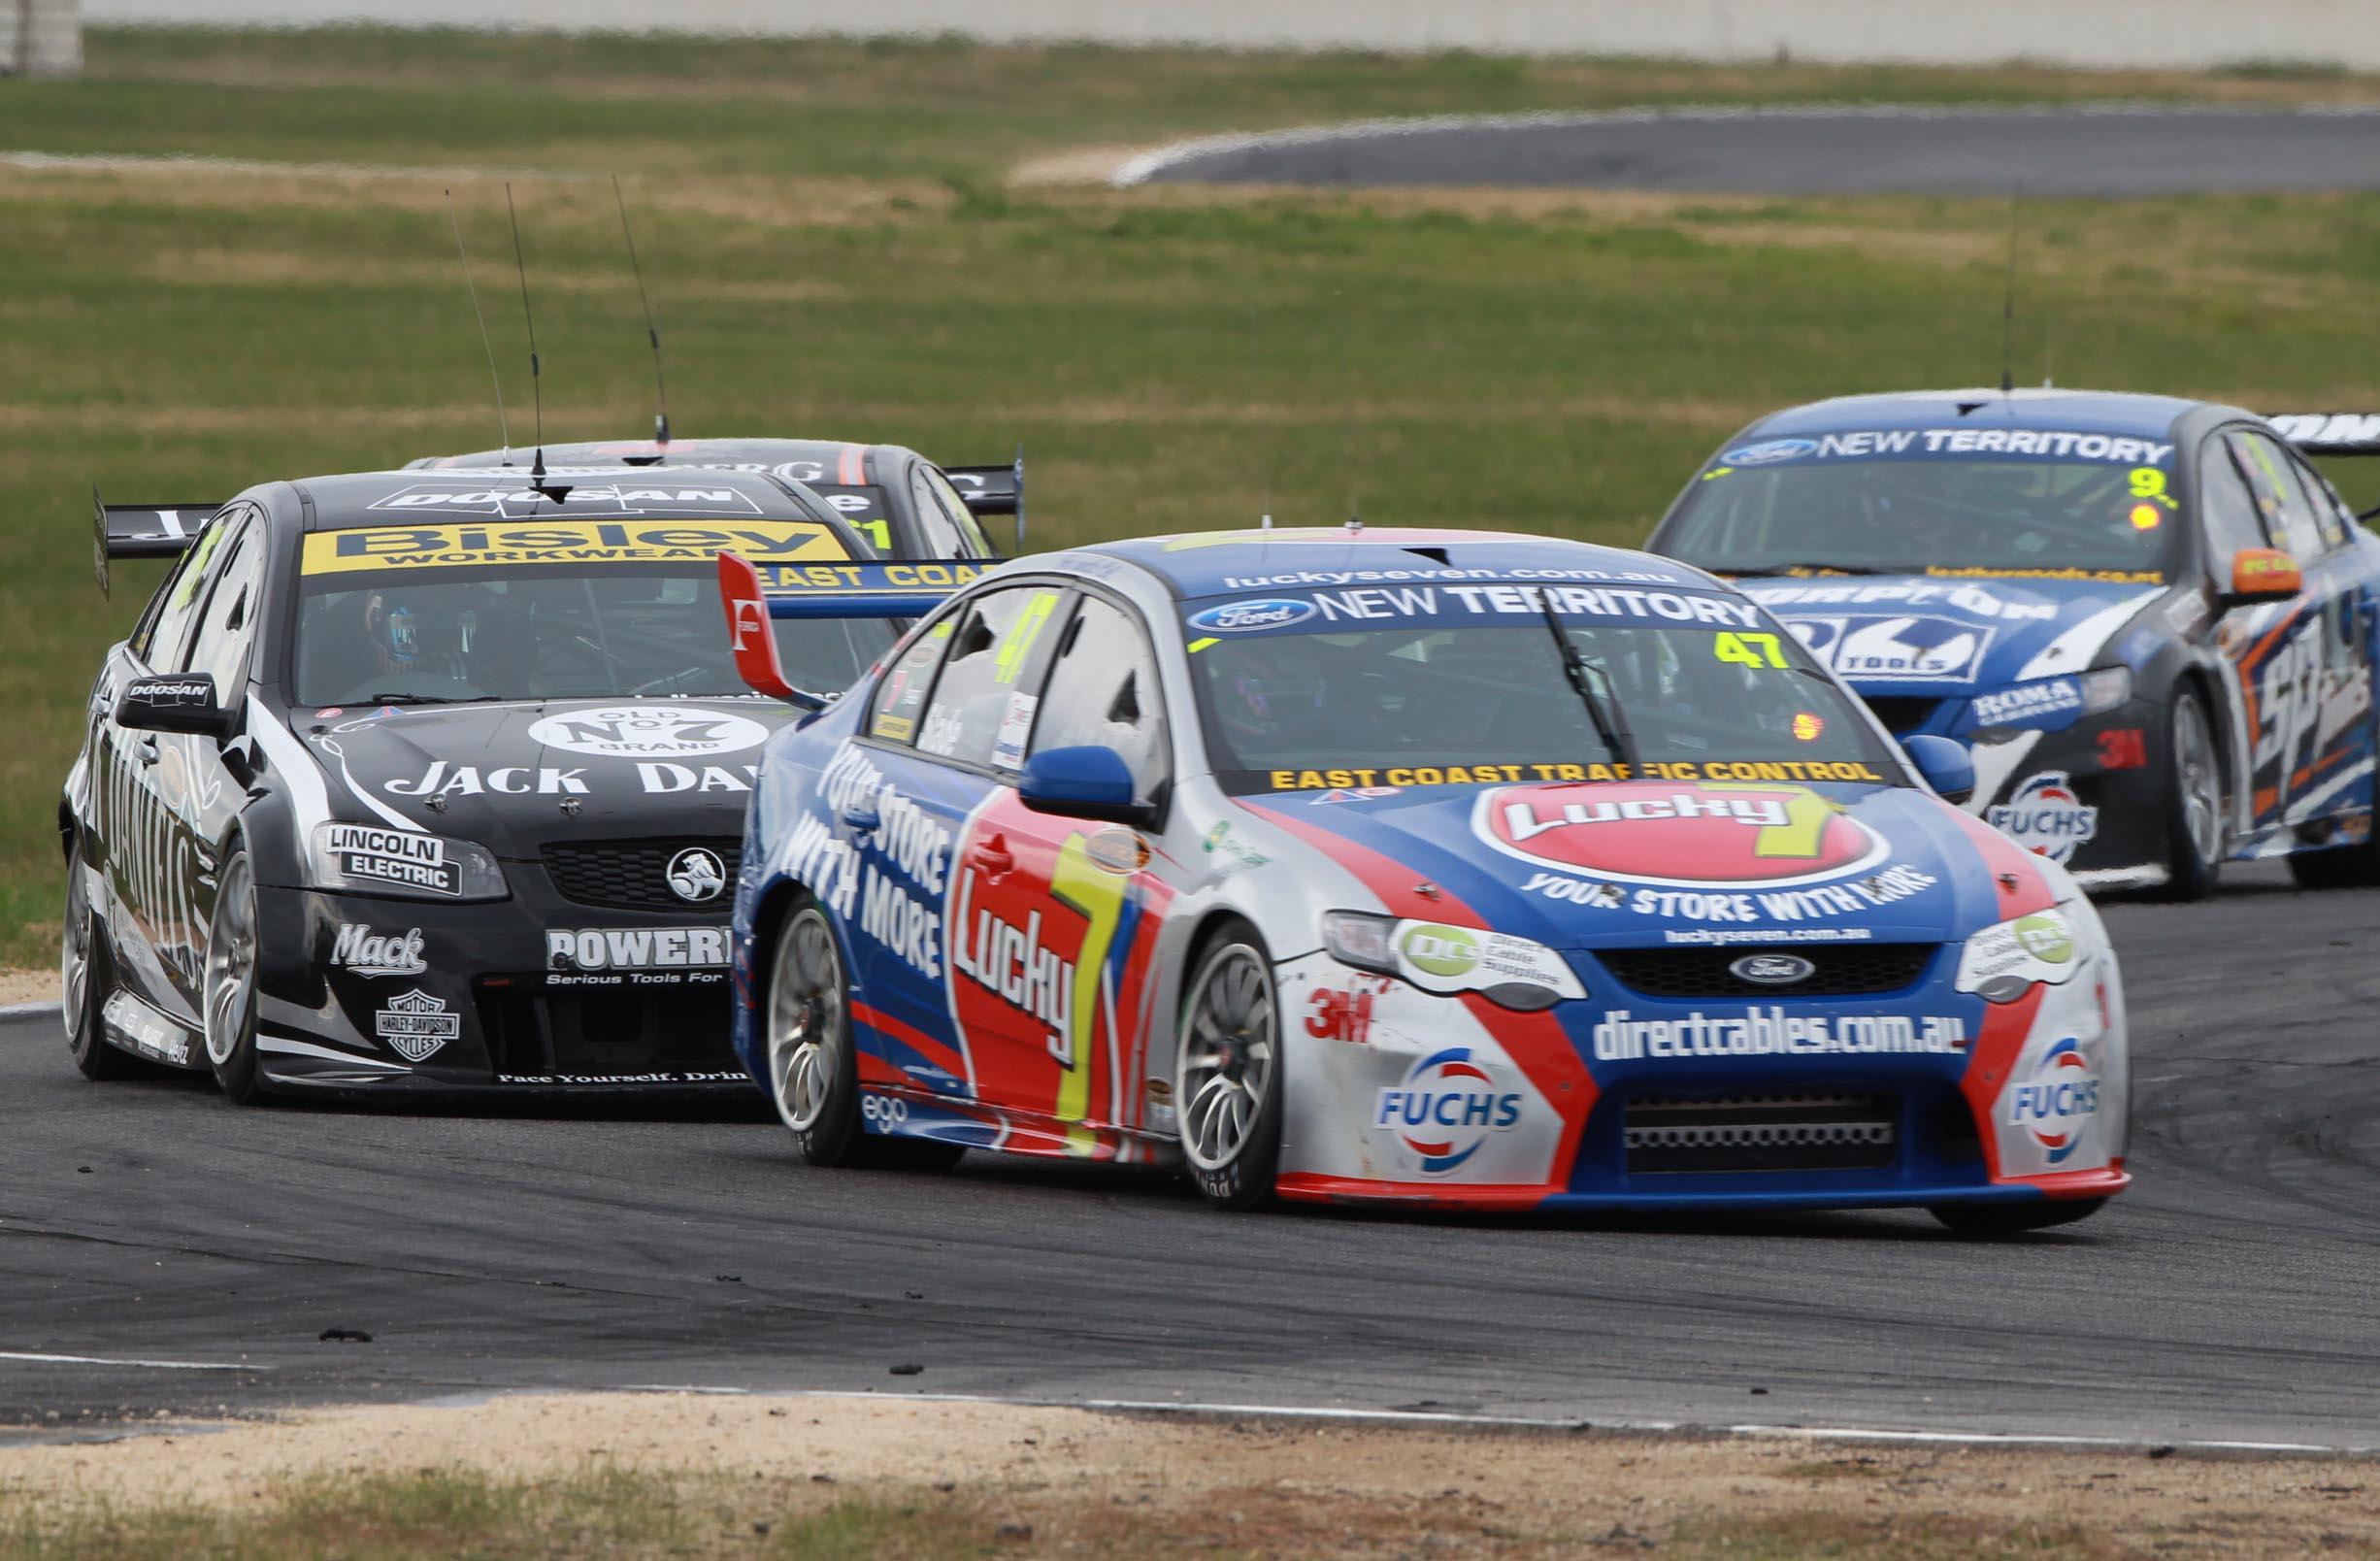 Aussie V8 Supercars race racing v 8 g wallpaper 2452x1608 132136 2452x1608